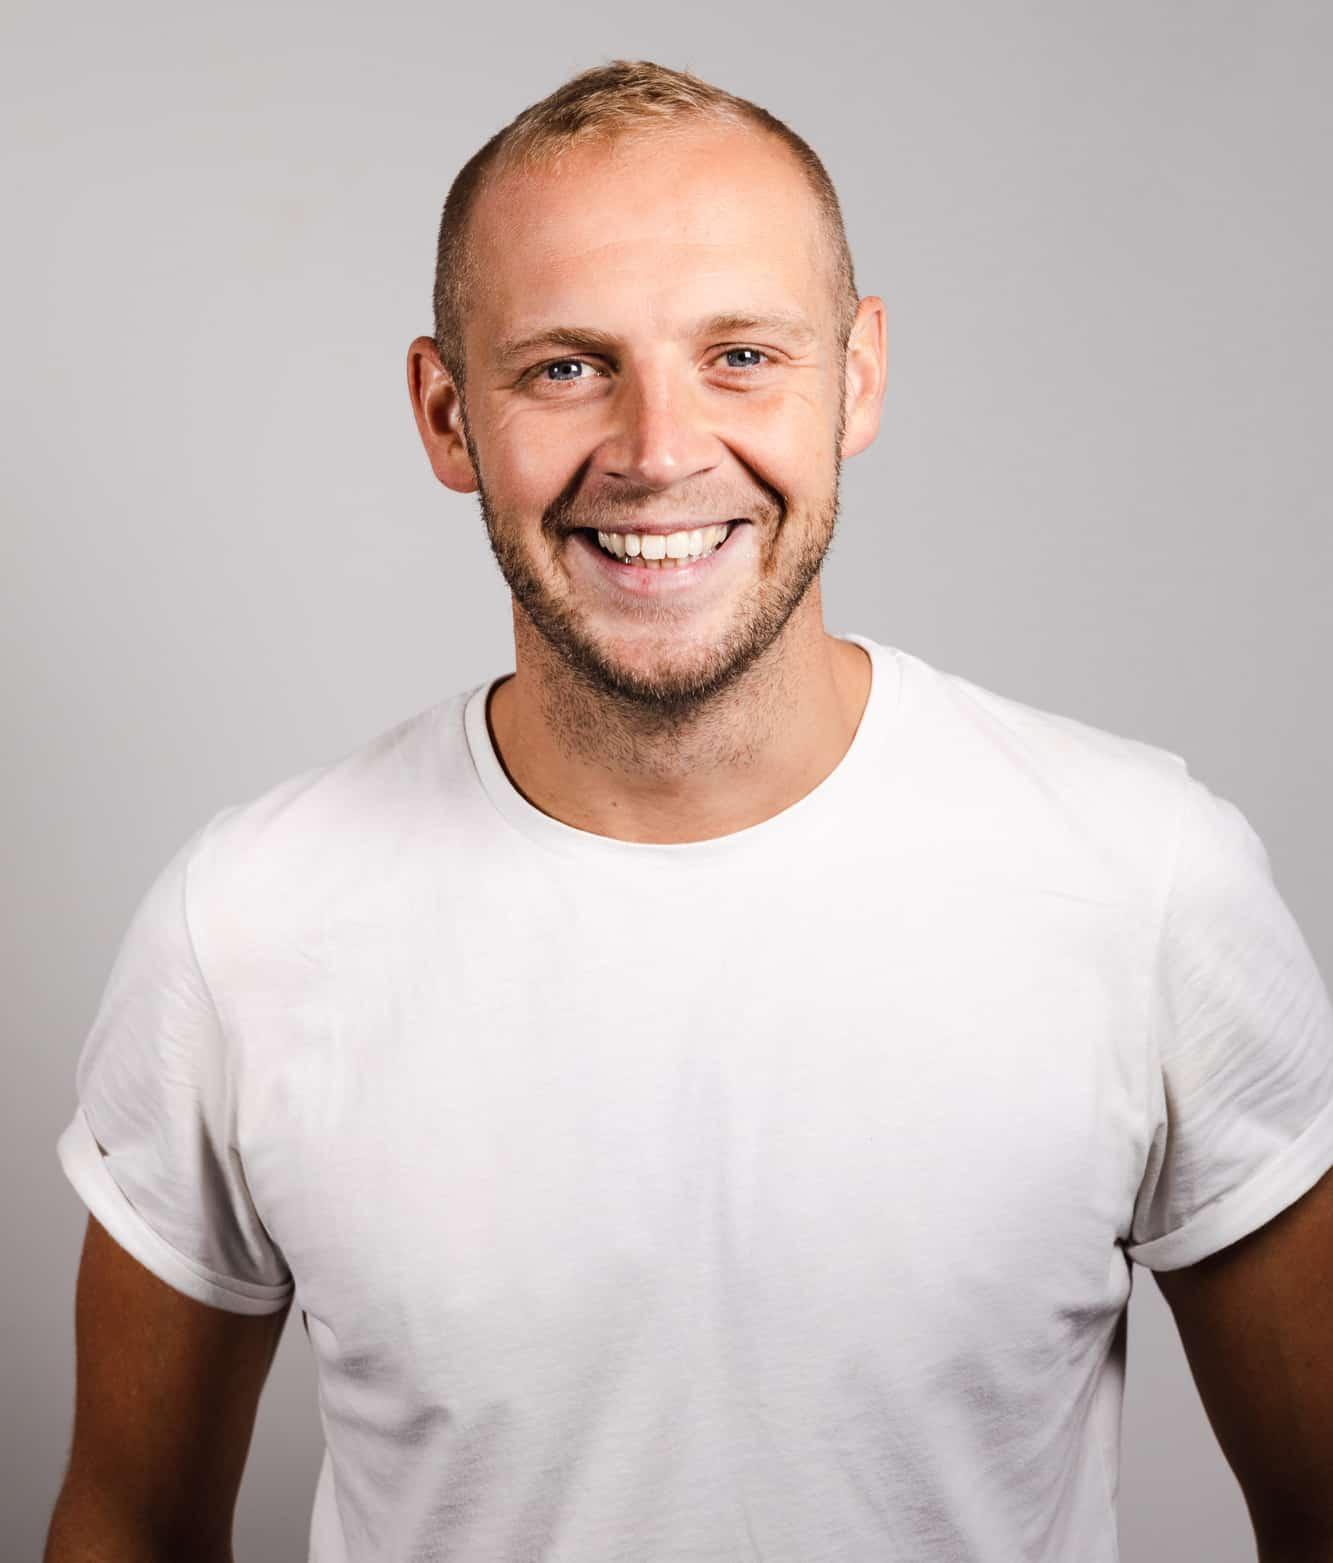 Aaron Matthews, head of industry sustainability at Albert